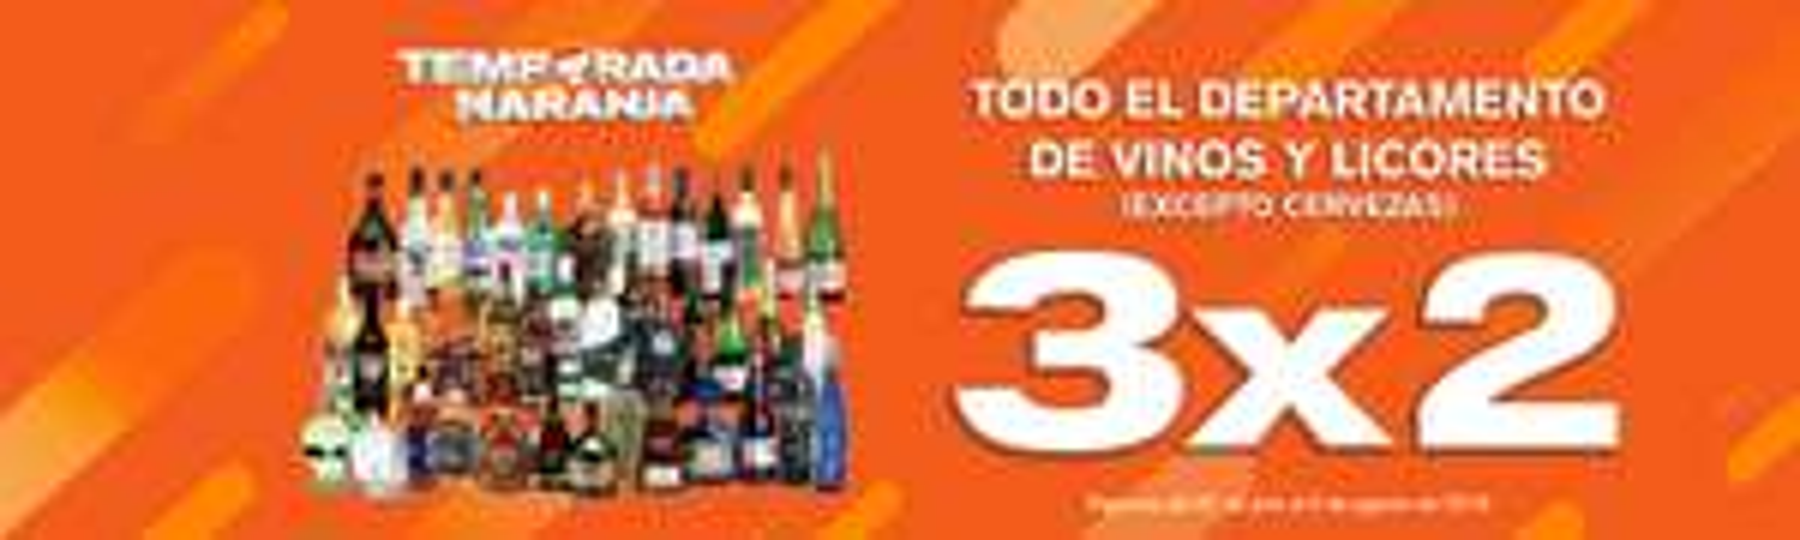 Temporada Naranja 2019 en La Comer y Fresko: 3x2 en Vinos y Licores